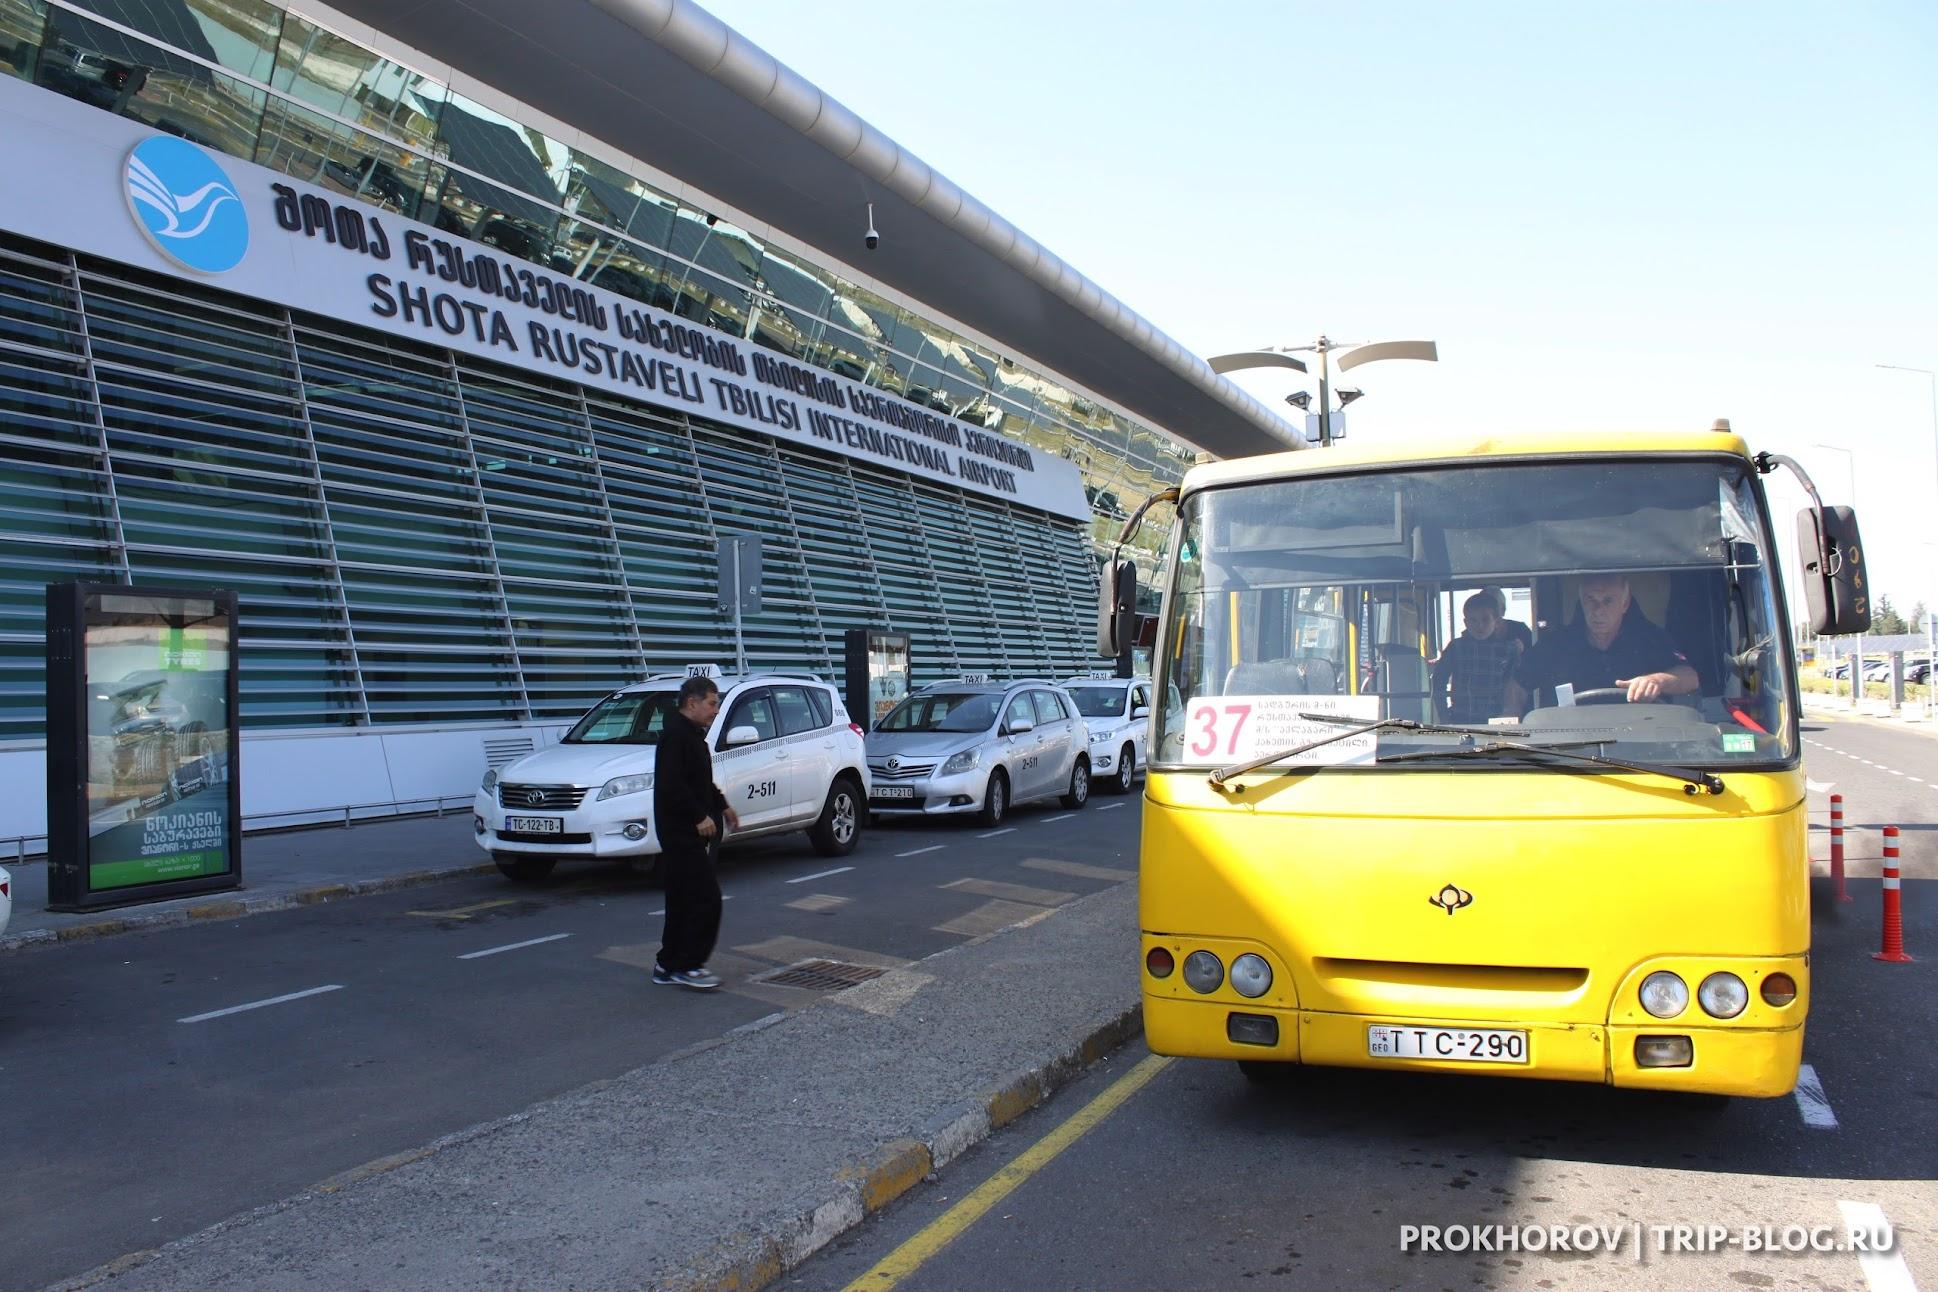 Автобус 37 в аэропорту Тбилиси